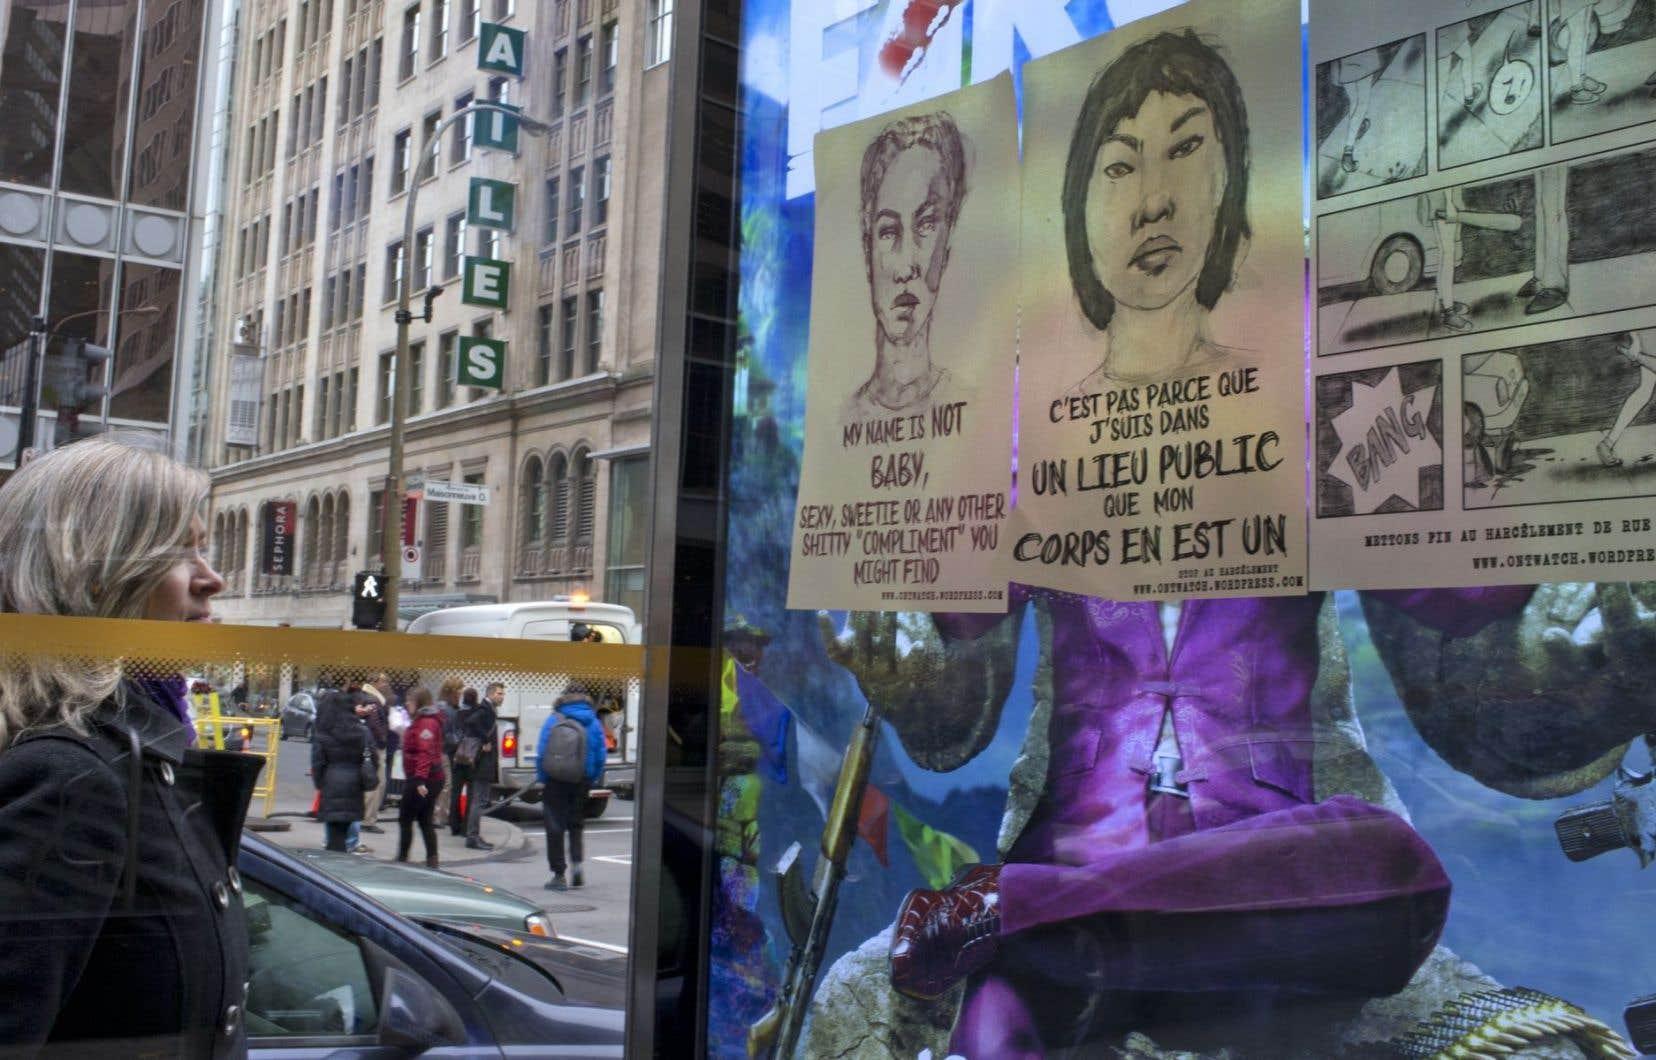 Affiches dénonçant les agressions sexuelles placardées sur les murs publicitaires et les abris d'autobus à Montréal en novembre 2014.